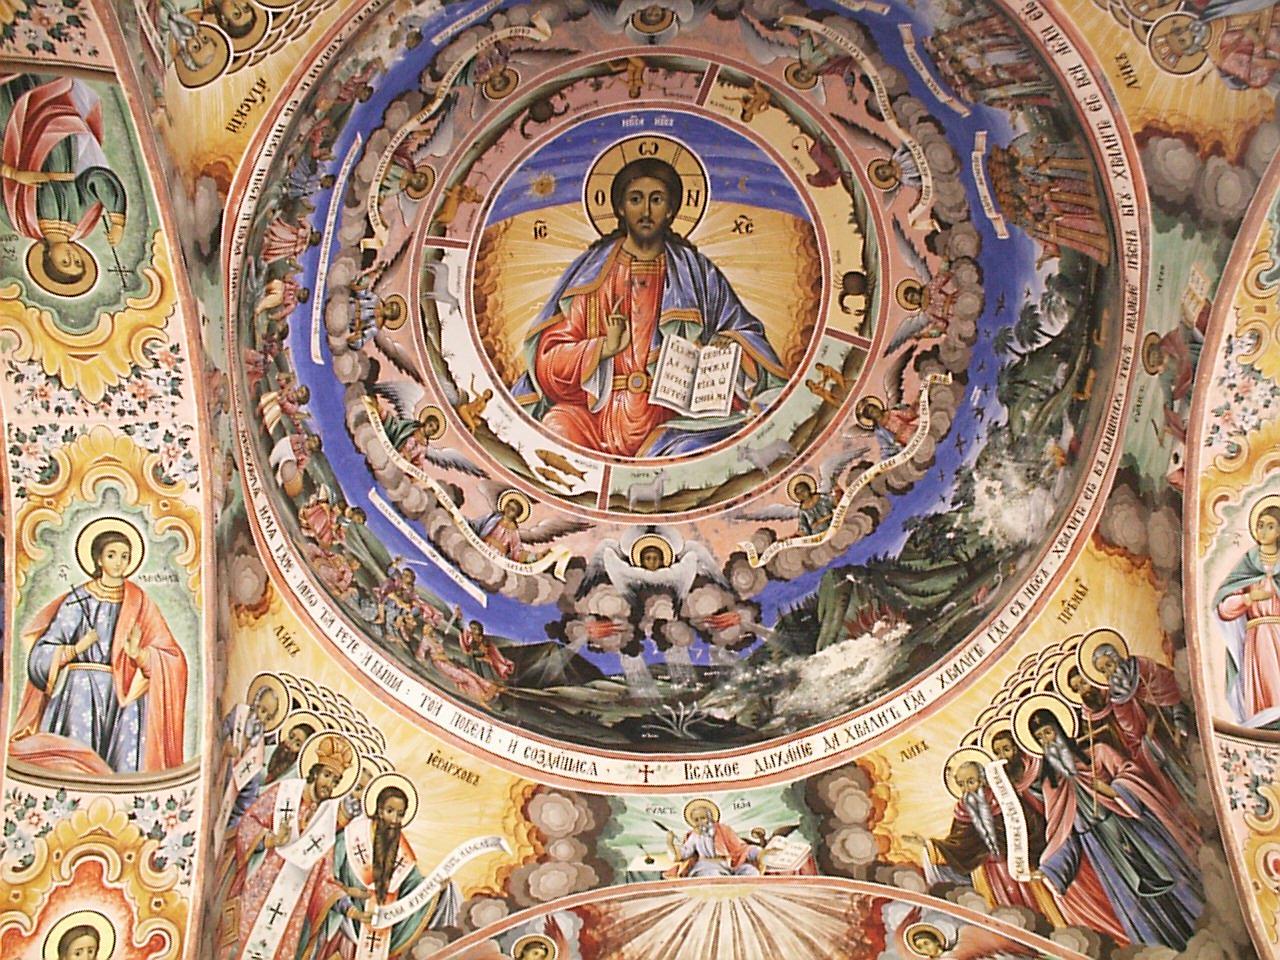 Рильский монастырь, фрески в главной церкви